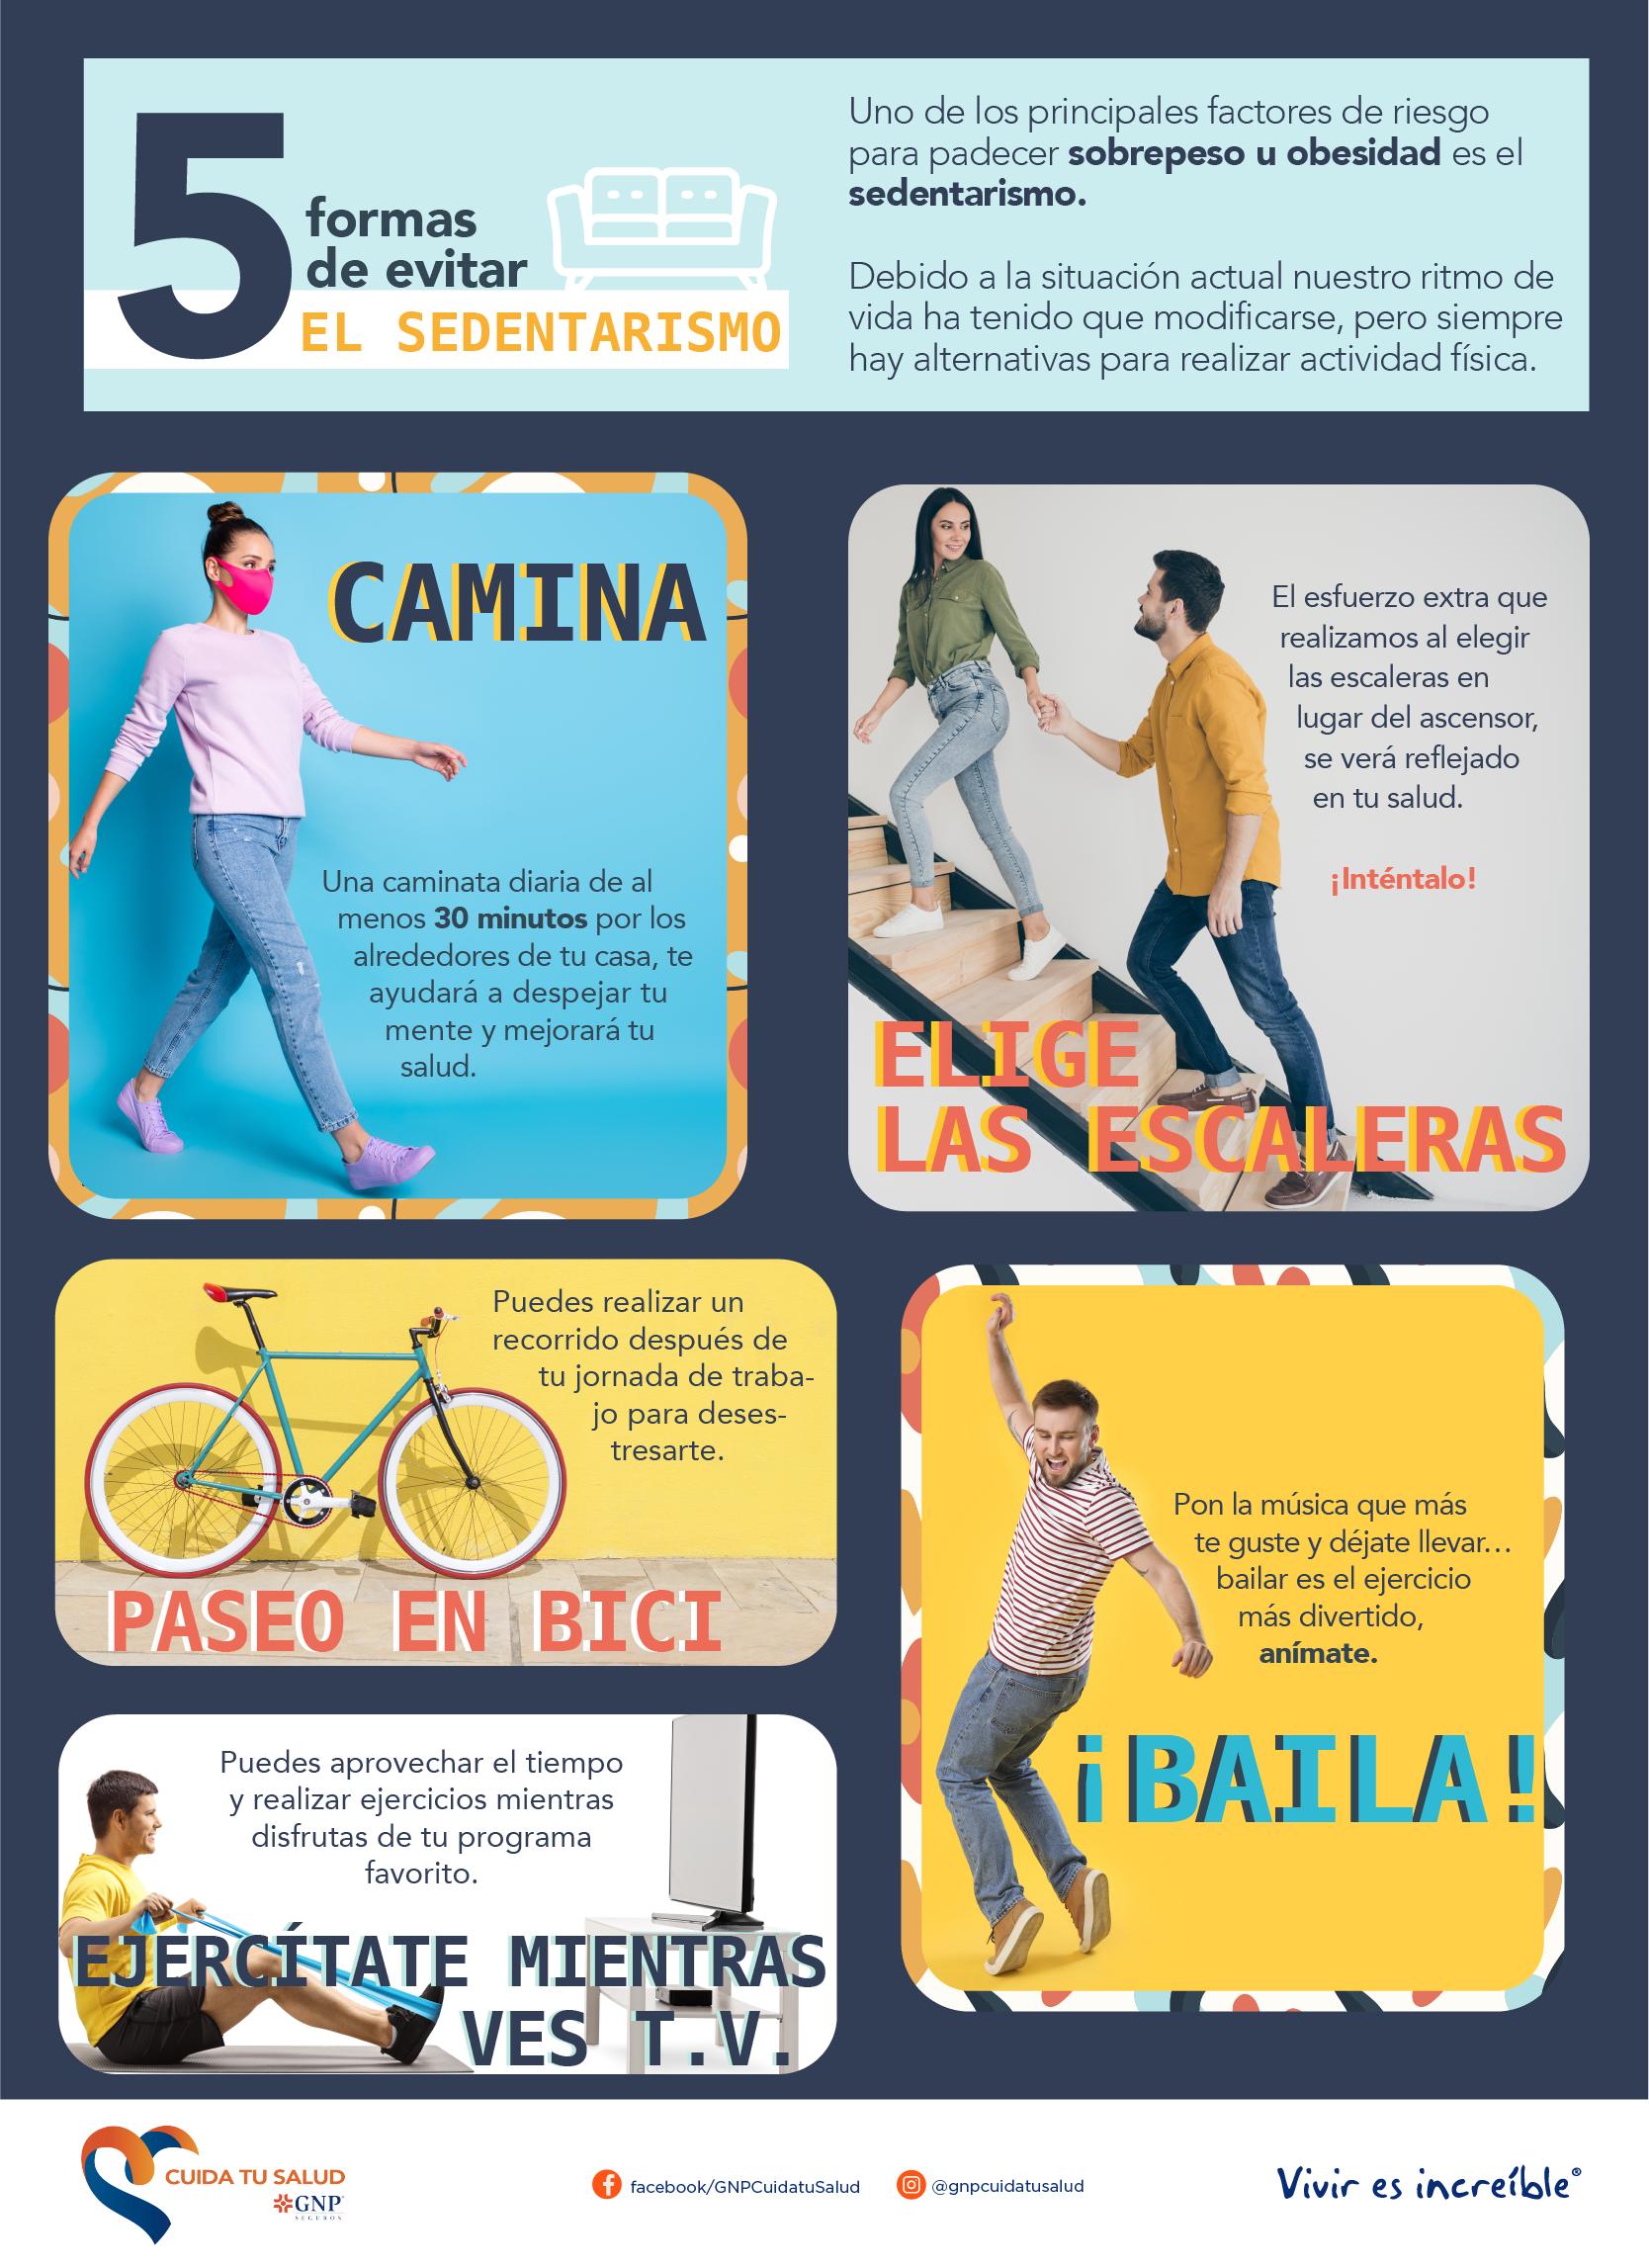 5 formas de evitar el sedentarismo